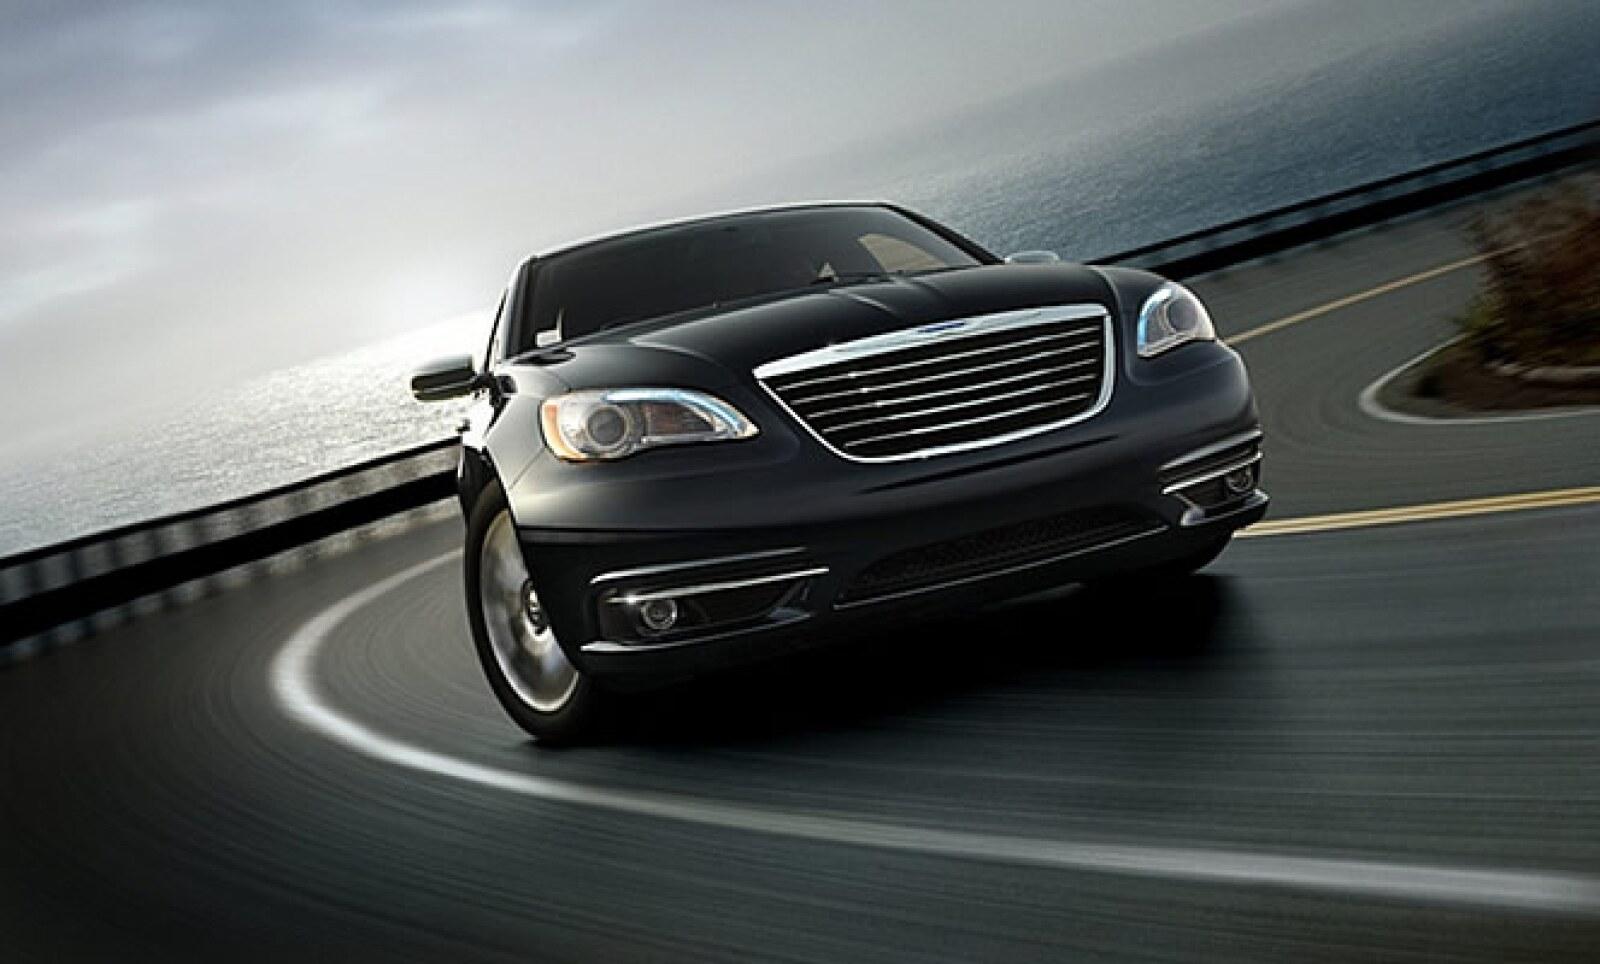 La firma automotriz presentó su nuevo modelo sedán, Chrysler 200, el sucesor del Cirrus.